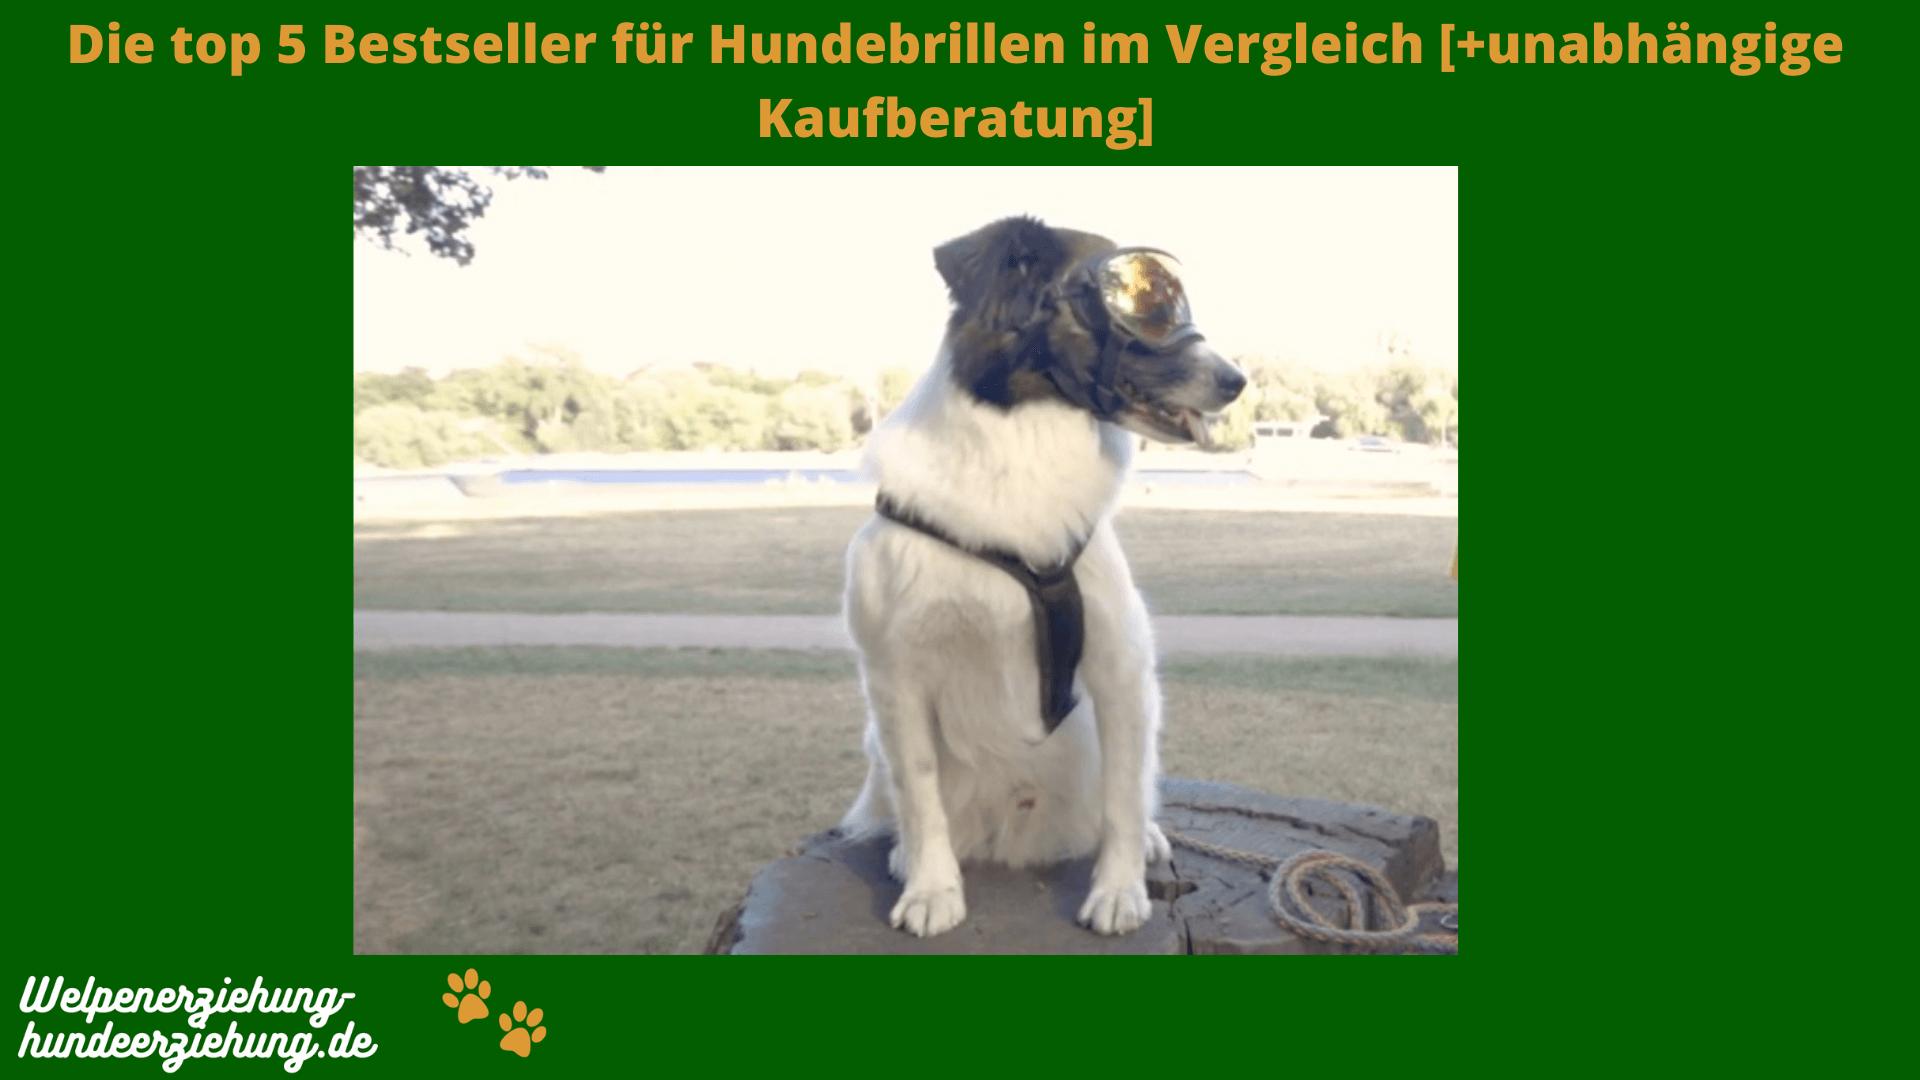 Hundebrille Test